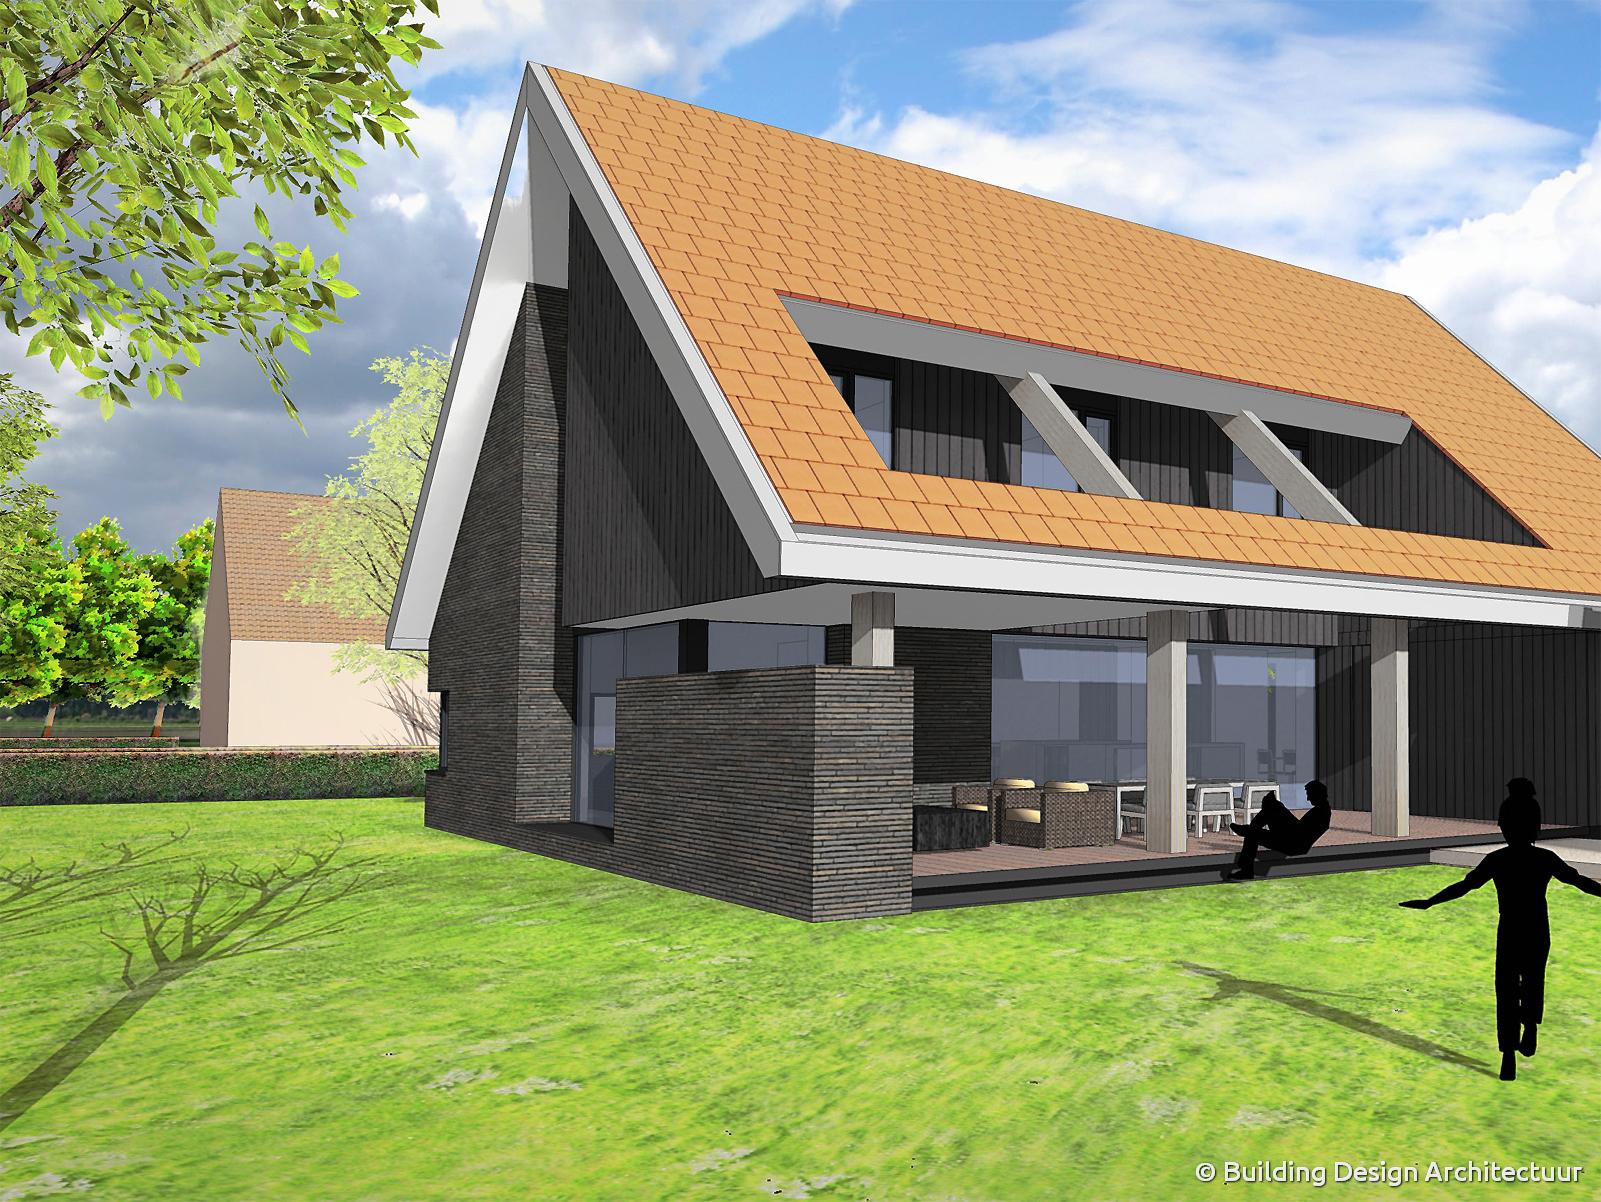 Landelijk wonen teak hout in combinatie met modern beste inspiratie voor huis ontwerp - Huis architect hout ...